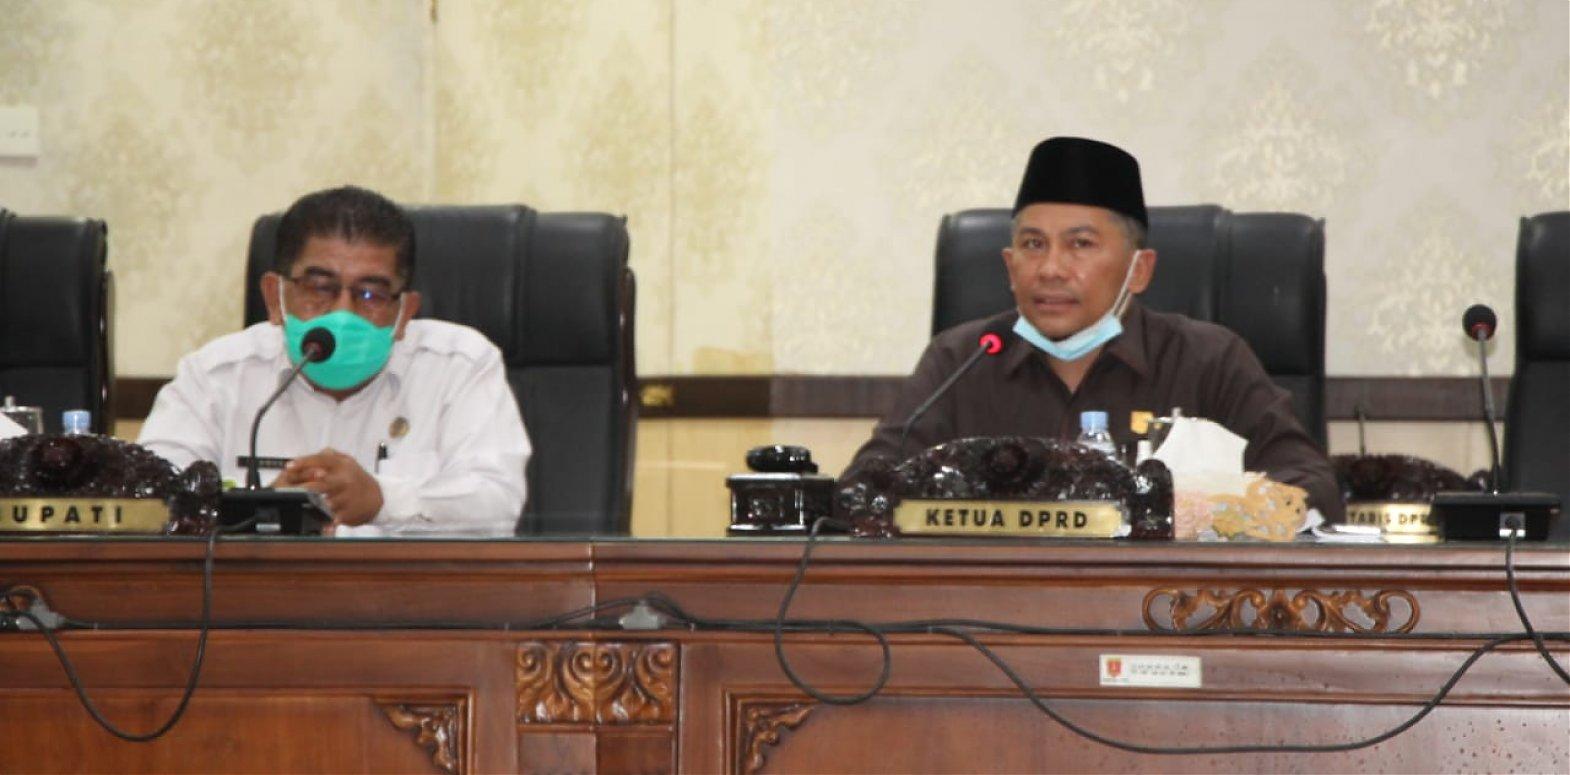 DPRD Agam Gelar Rapat Paripurna Tutup Masa Sidang Tahun 2020 Sekaligus Pembukaan Masa Sidang Tahun 2021